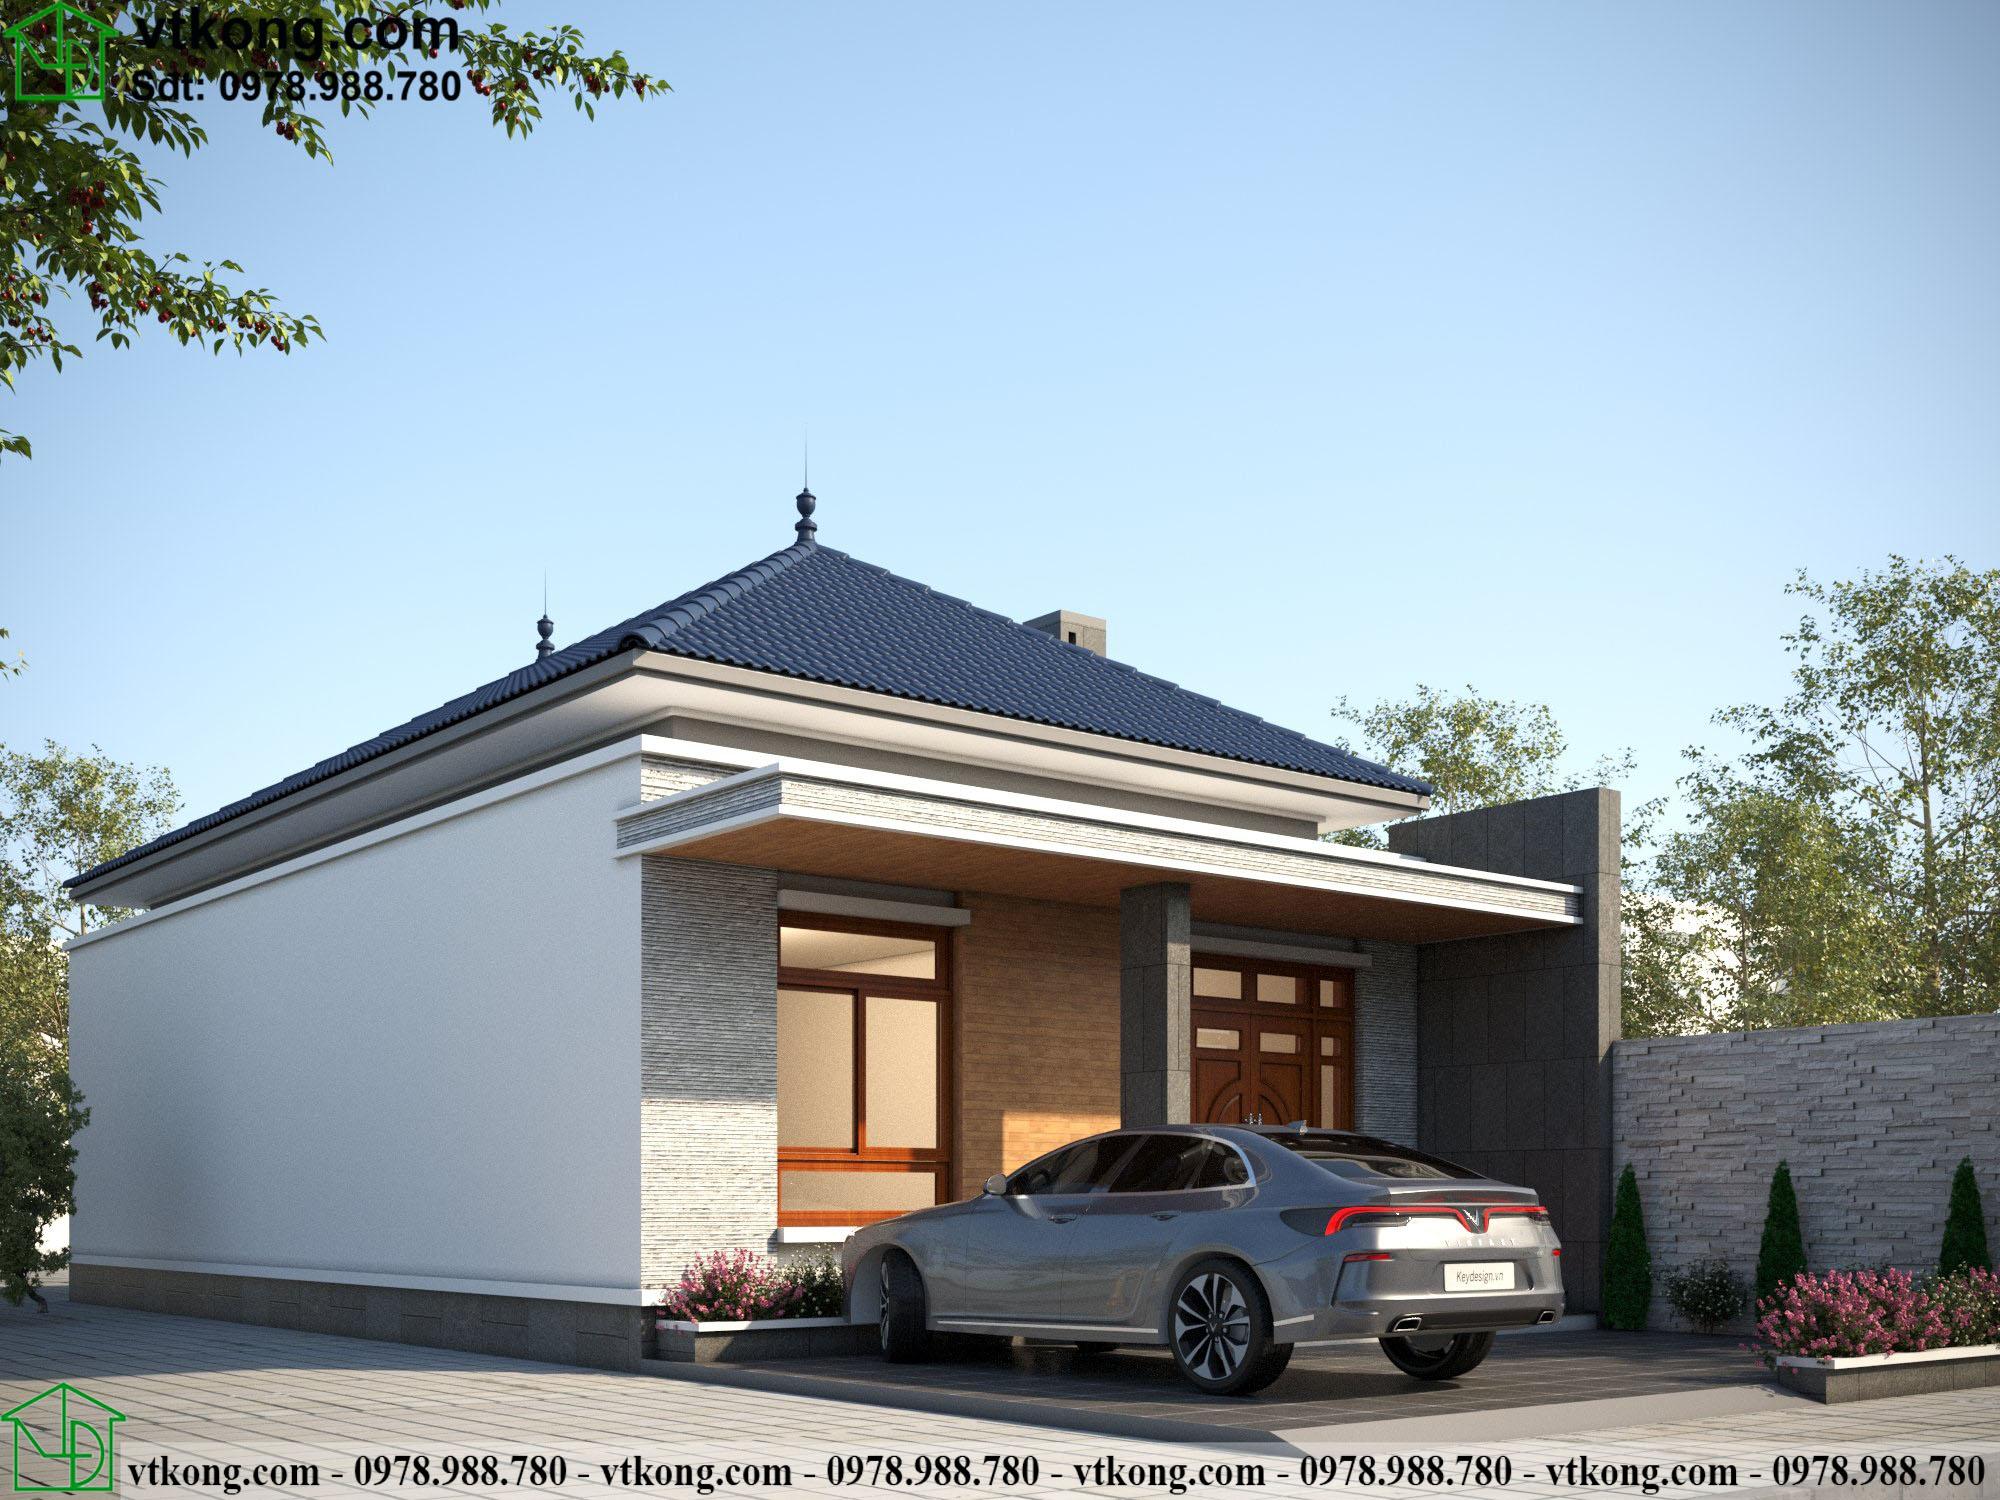 Nhà Cấp 4 Mái Nhật 8x14m Tại Hưng Yên Nc4118